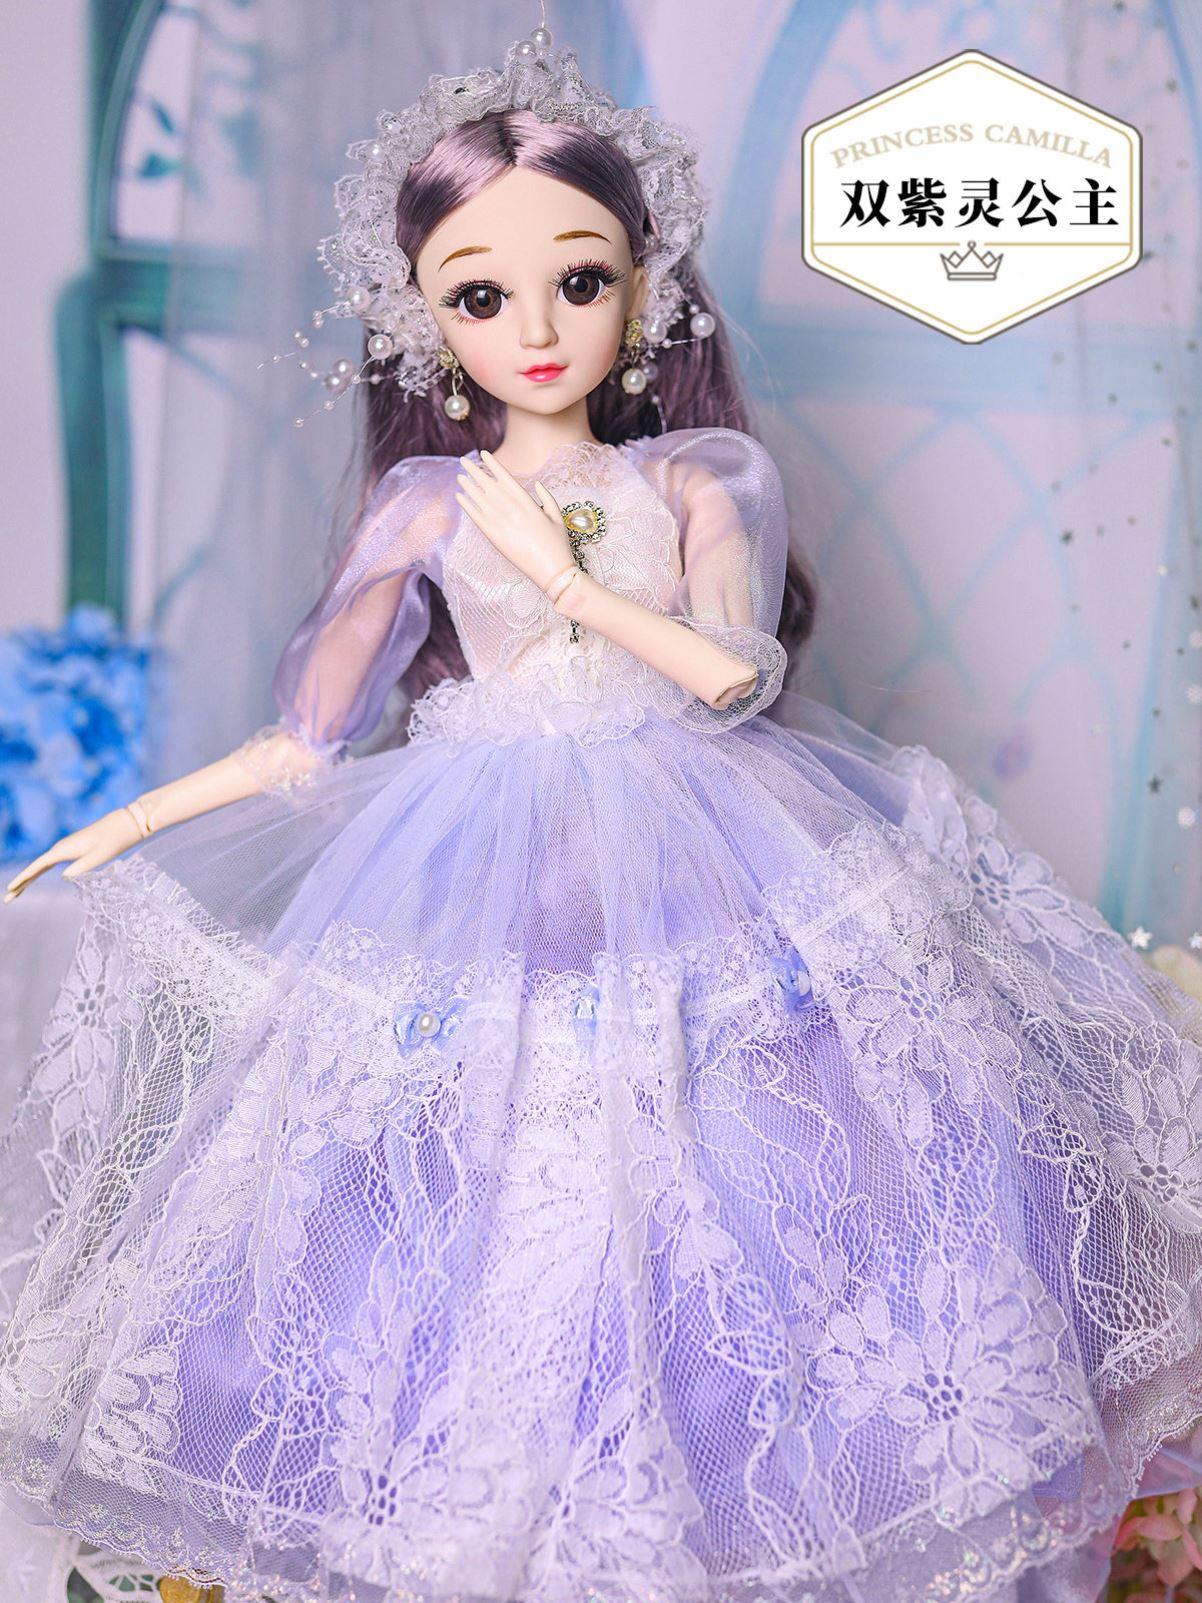 裙子车载衣服彩妆盒嘿喽芭比娃娃套装2021新款女孩公主超大号制作